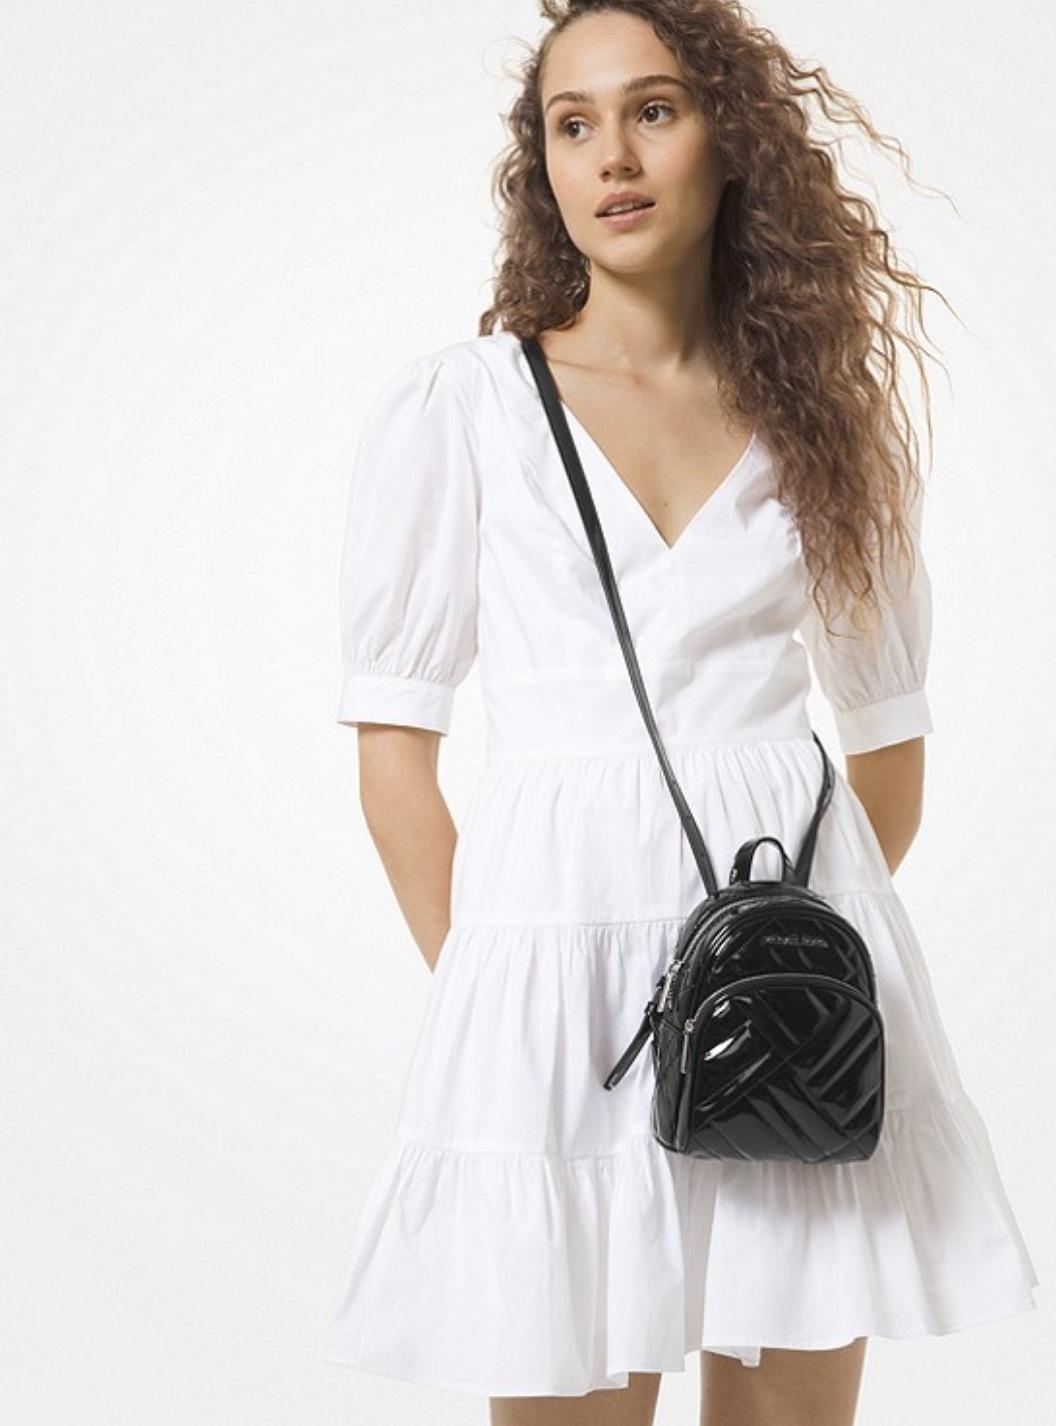 Balo mini Michael Kors hàng hiệu  Abbey Mini BKPK Xbody Black backpack, balo michael kors chính hãng đeo chéo, balo MK hàng hiệu màu đen bóng, balo Michael Kors chính hãng authentic giành cho nữ, balo michael kors authentic minisize